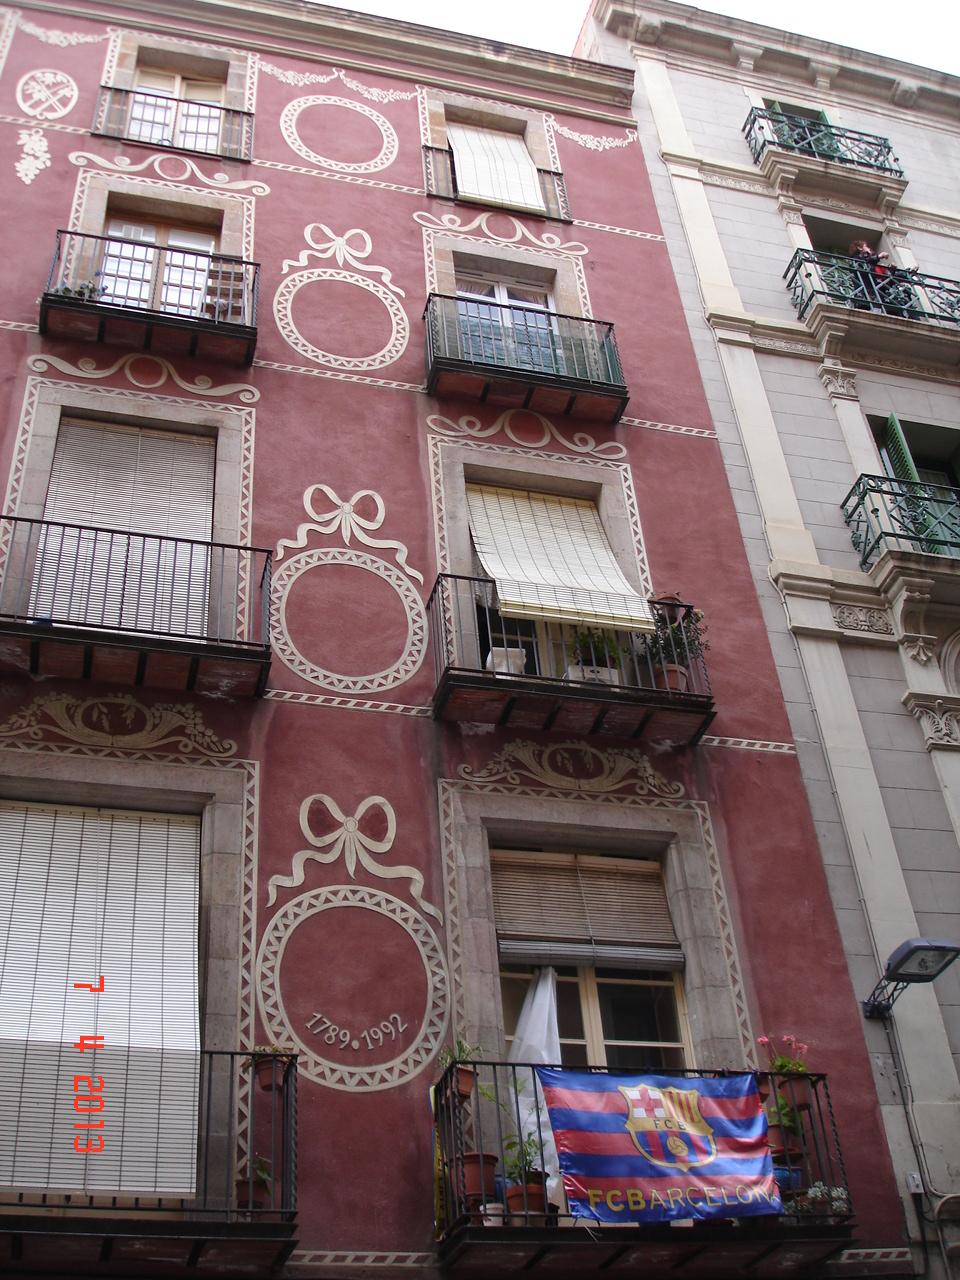 steaguri cu insemnele Barcelonei